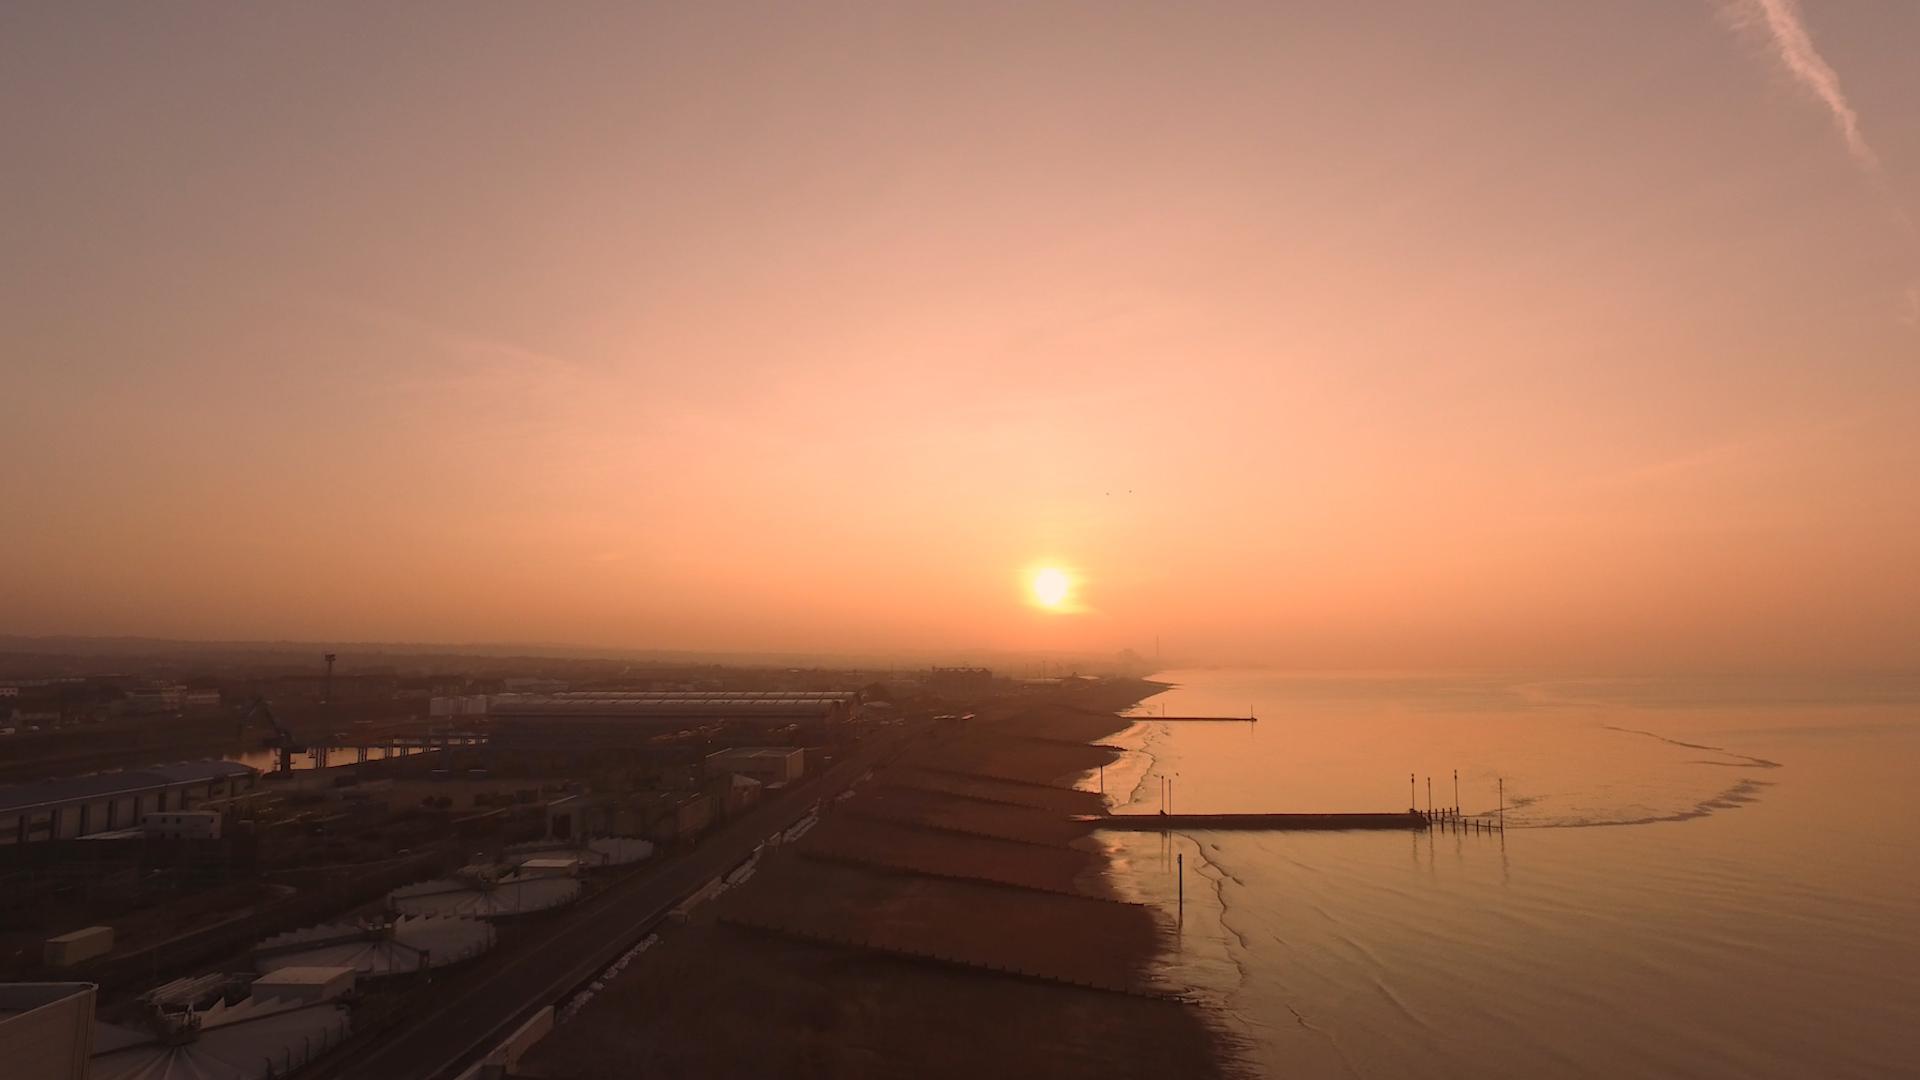 Sunrise at Shoreham (By Drone) - 4K